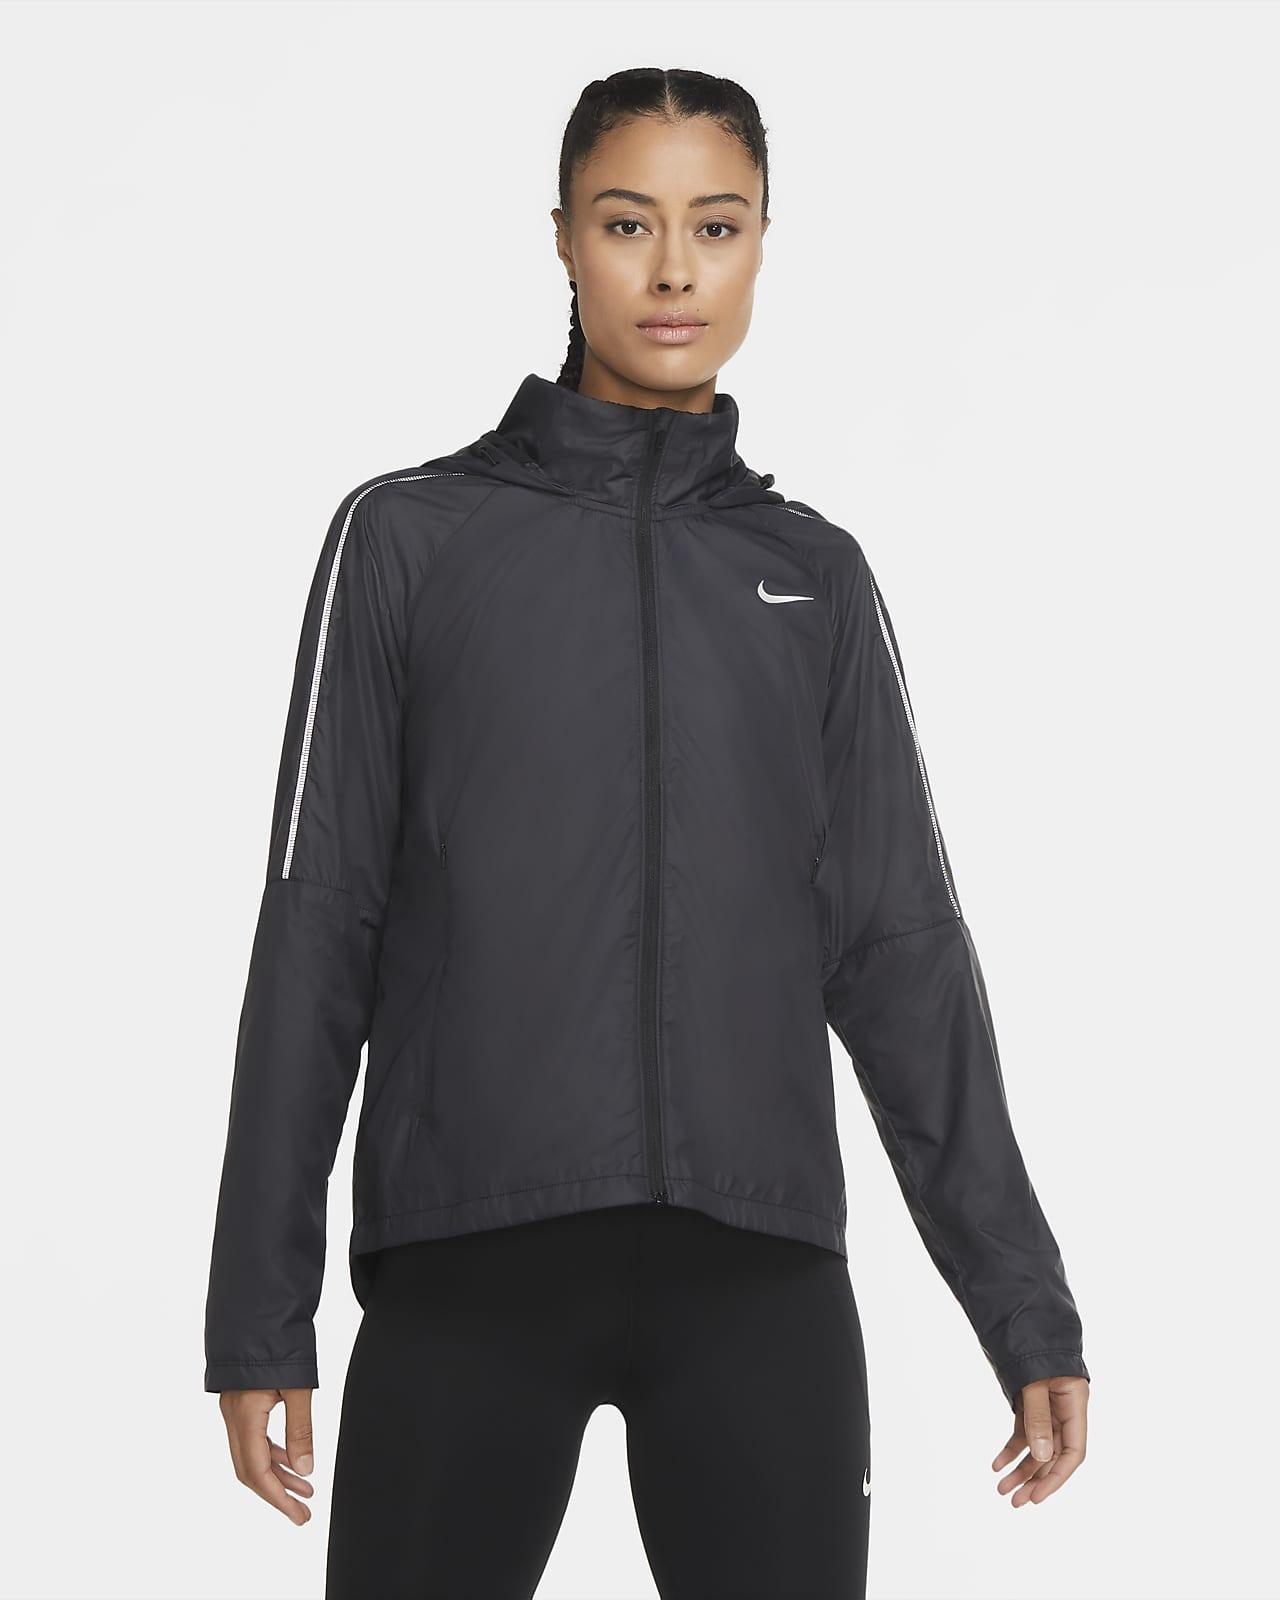 Löparjacka Nike Shield för kvinnor